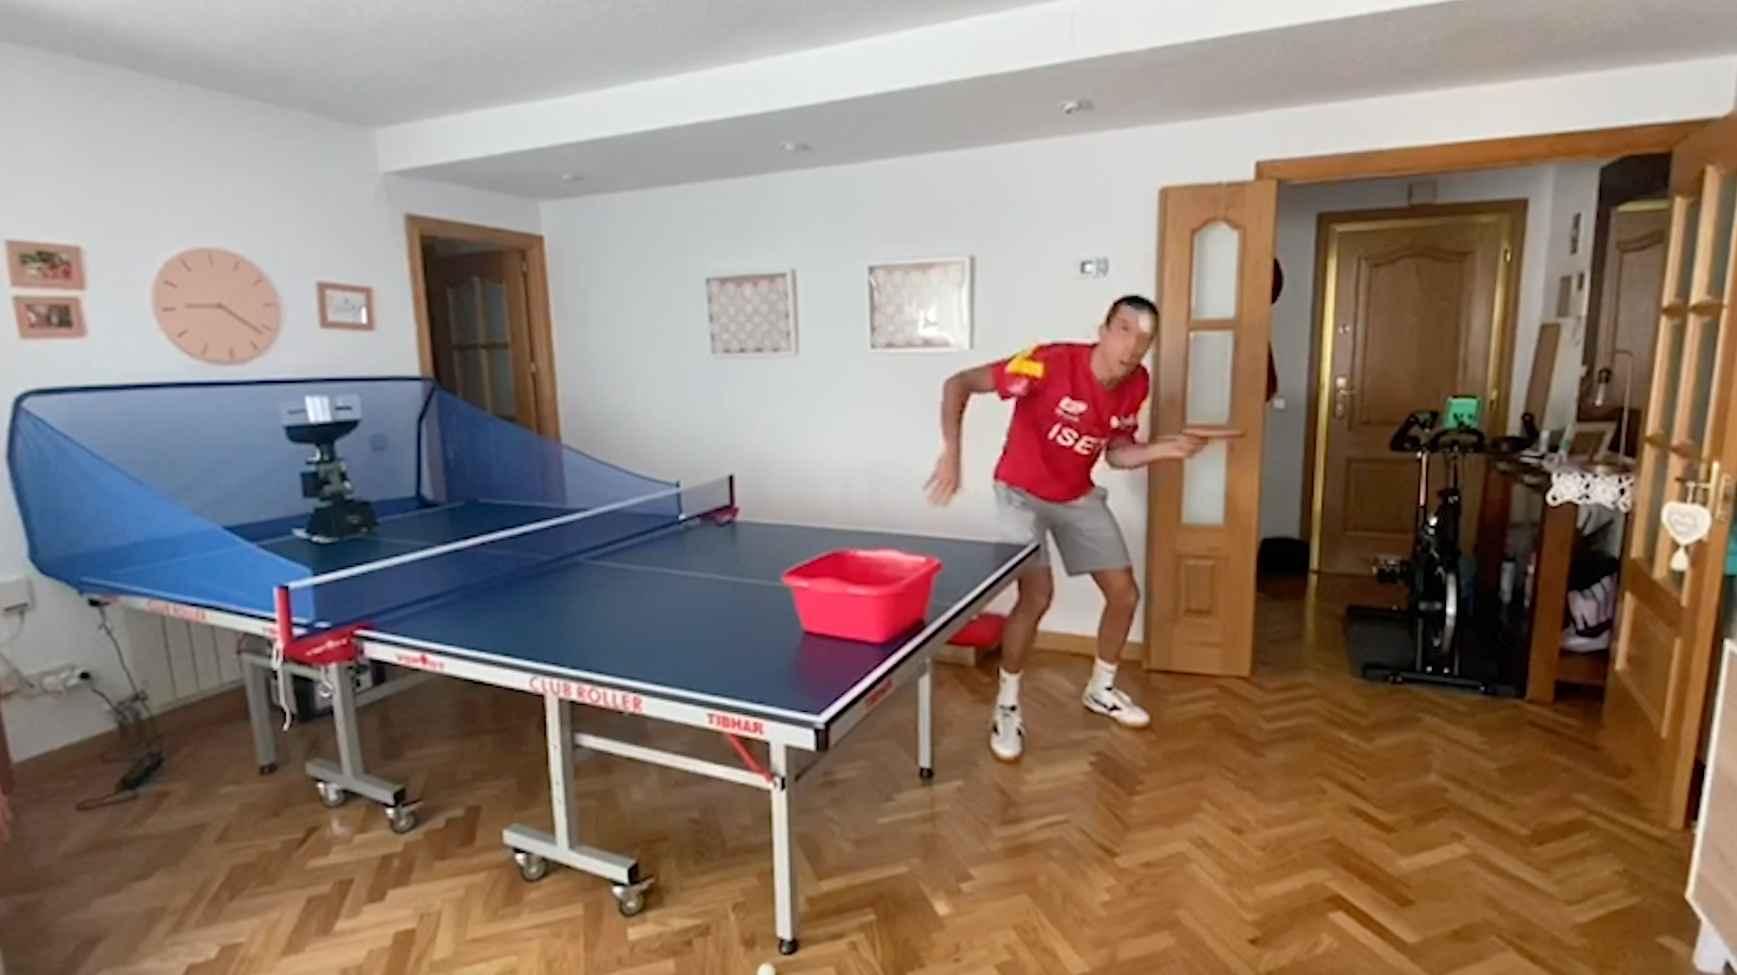 Álvaro Robles enseña como entrena en casa #QuedateEnCasa